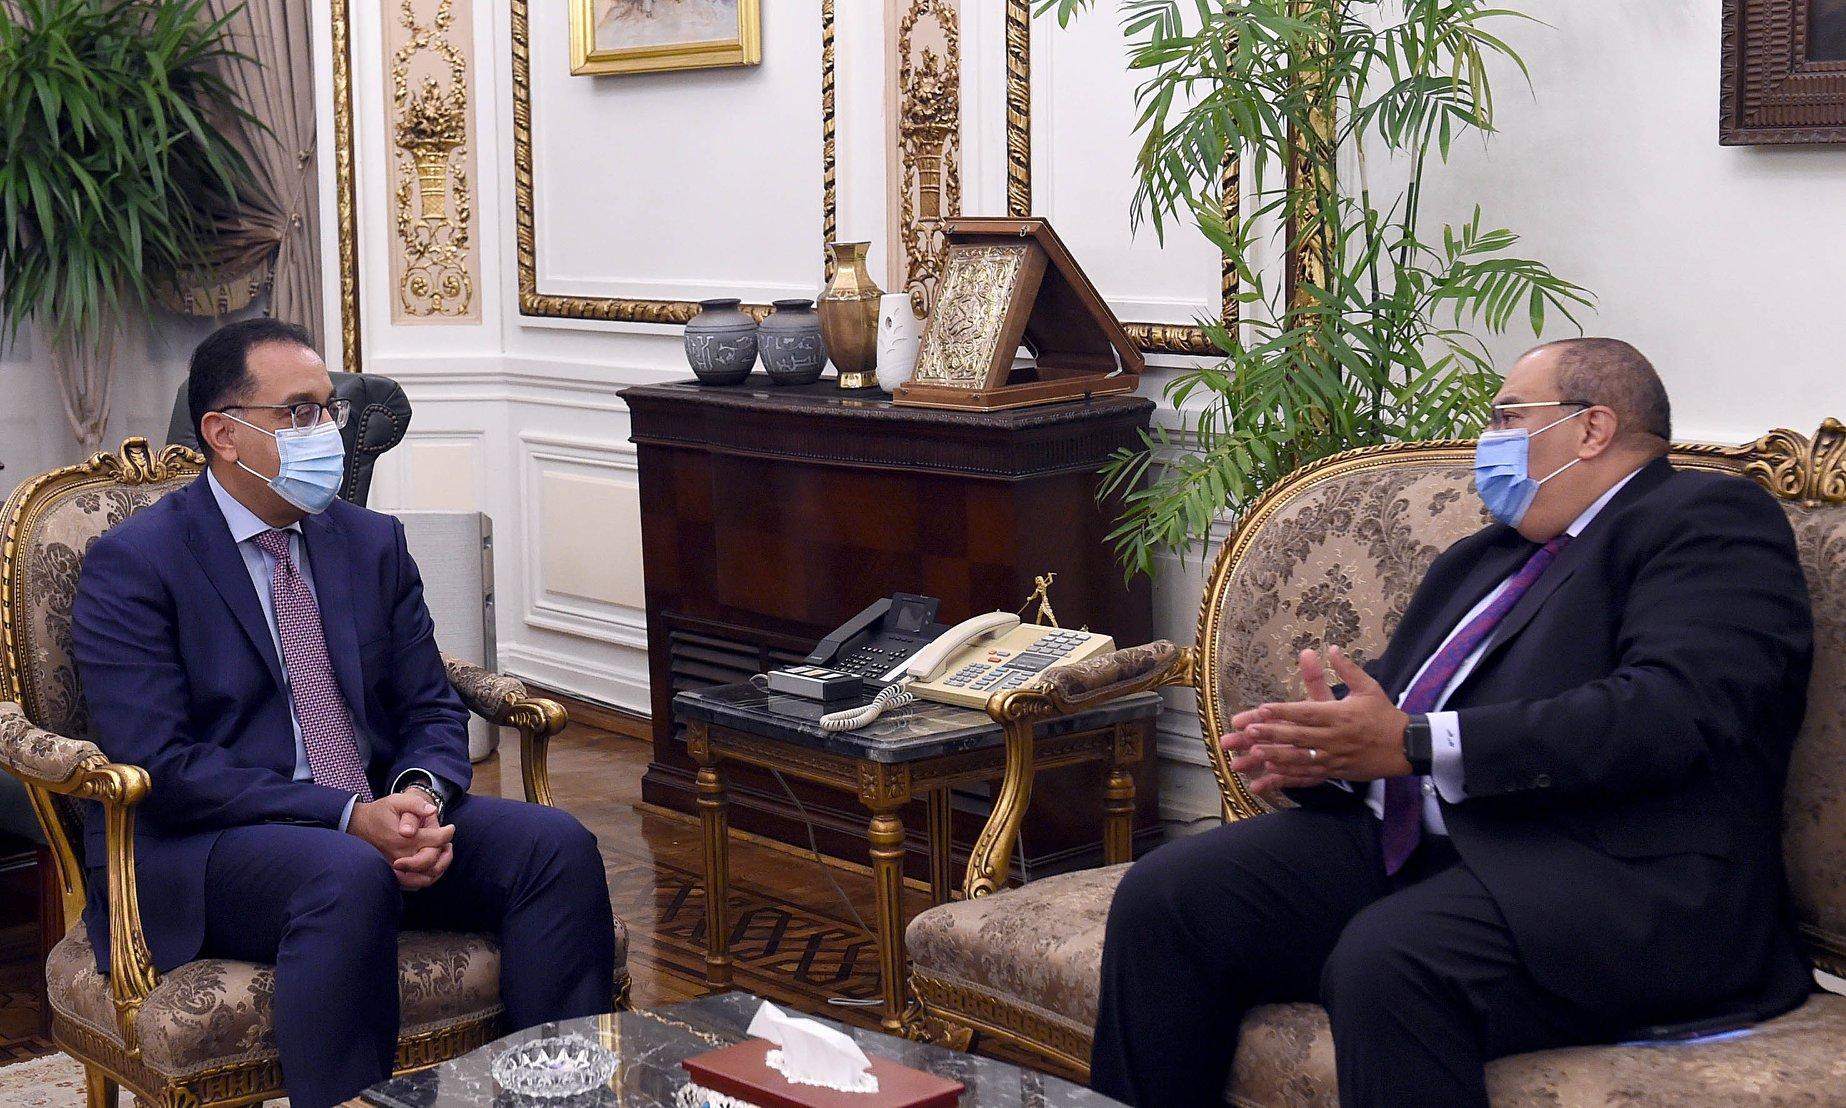 رئيس الوزراء يلتقي الدكتور محمود محيي الدين المدير التنفيذي بصندوق النقد